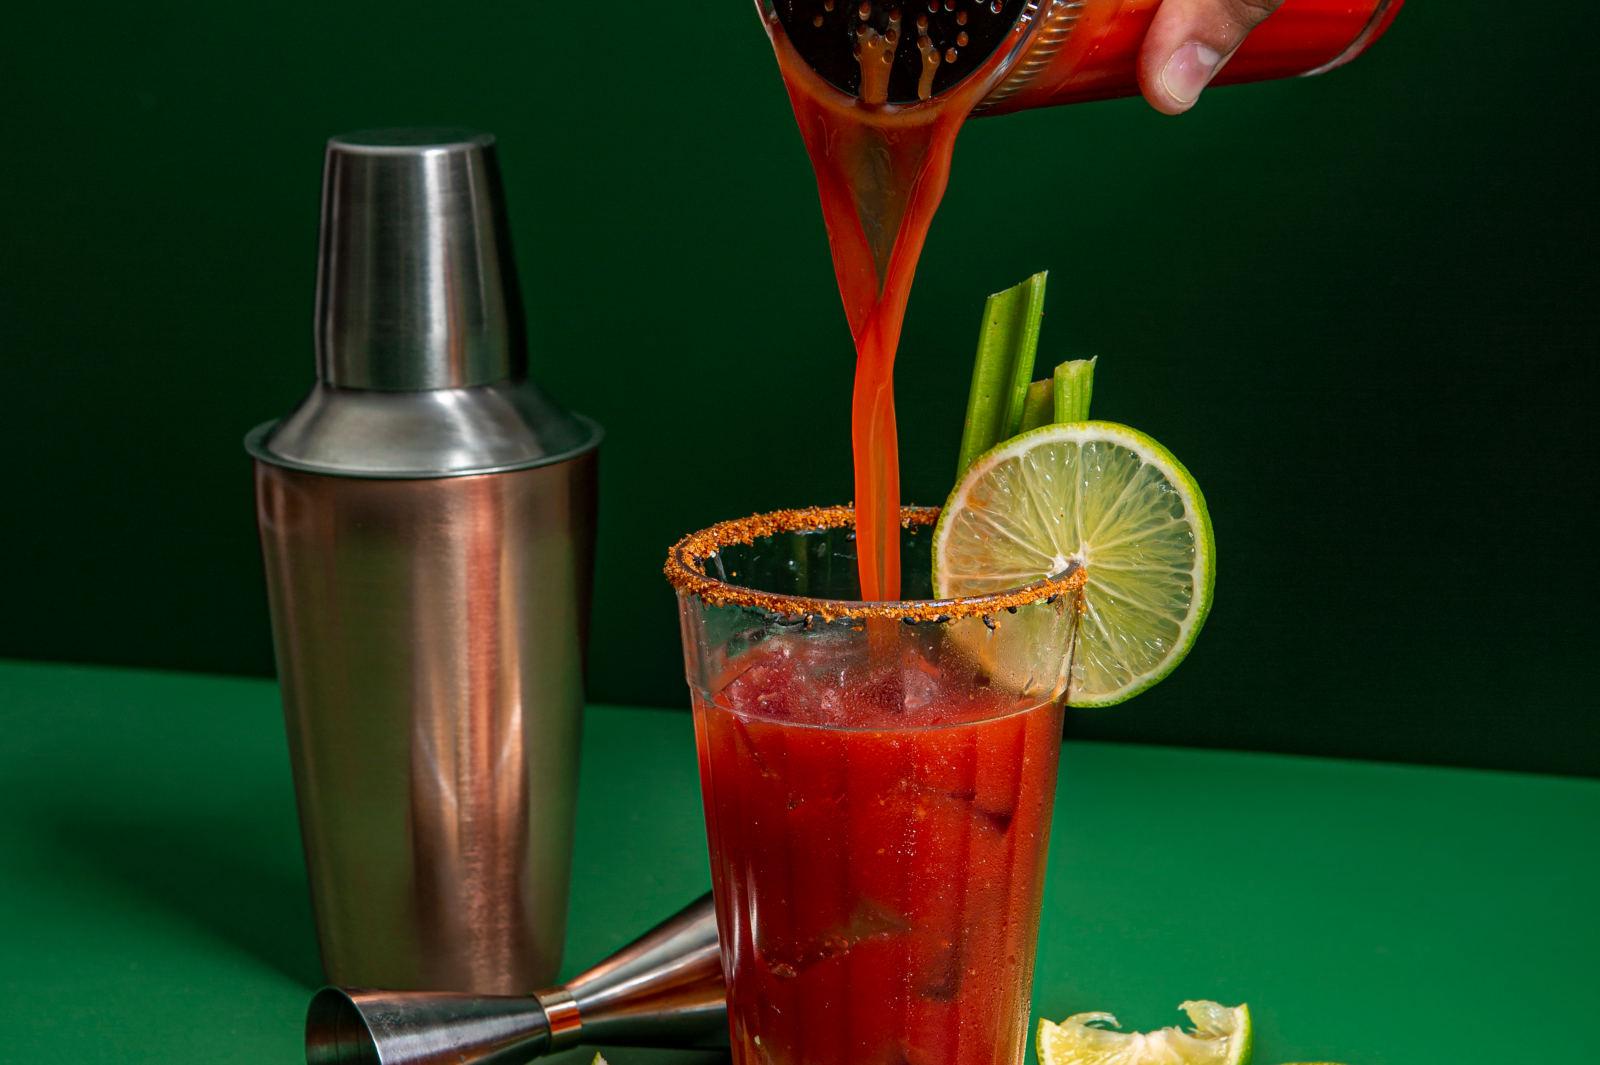 drinkbloodymary